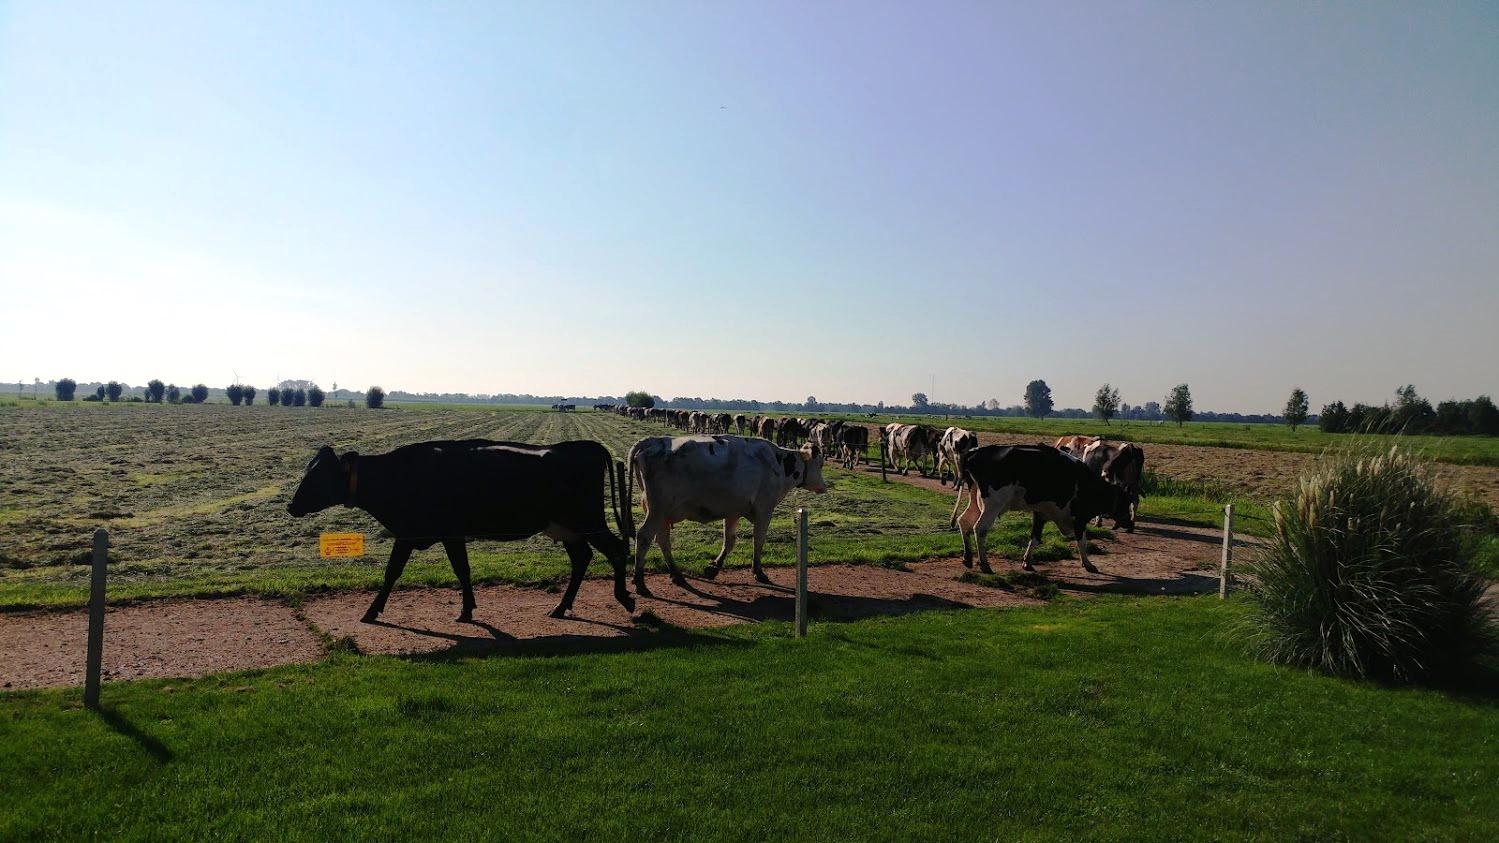 פרות עוברות בחצר הקדמית של הצימר בחווה